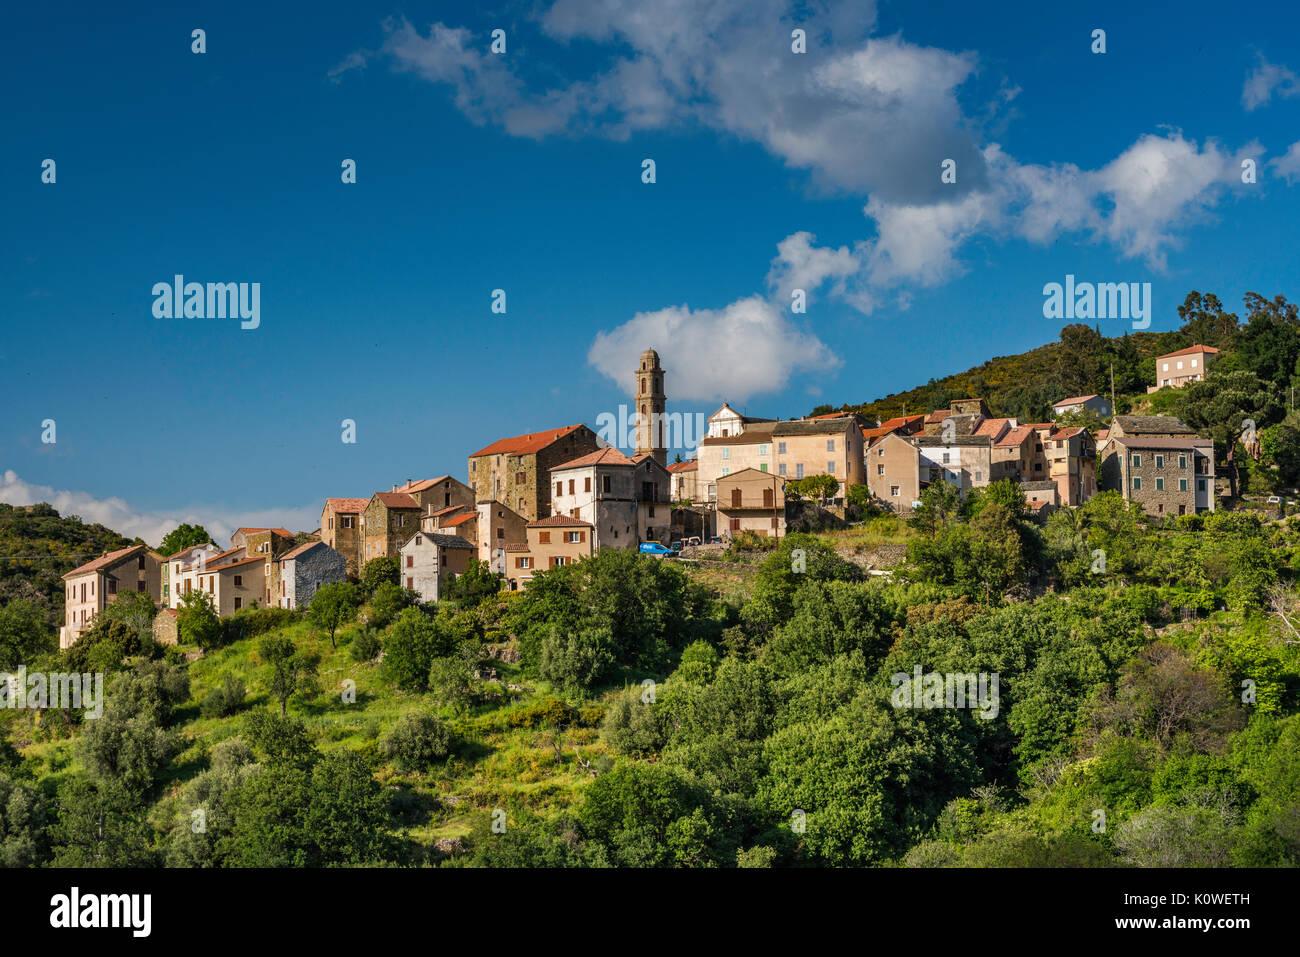 Hill ville de Pieve, Nebbio région, département Haute-Corse, Corse, France Photo Stock